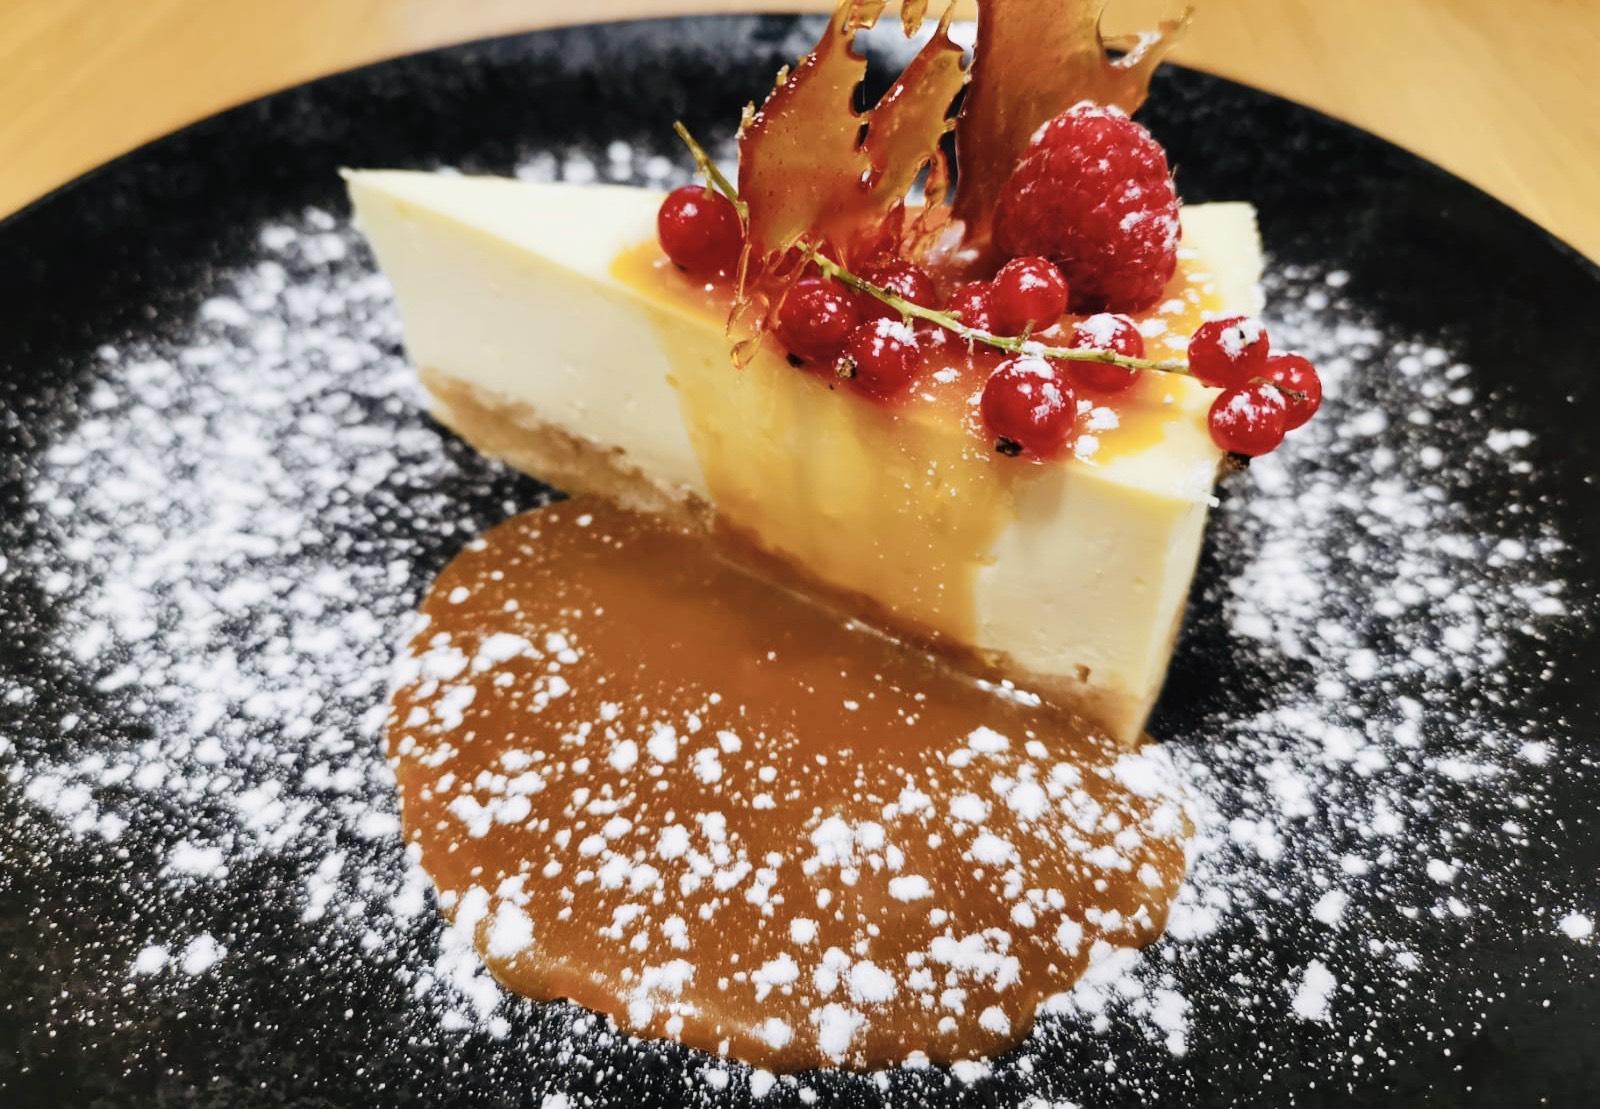 karamelovy cheesecake